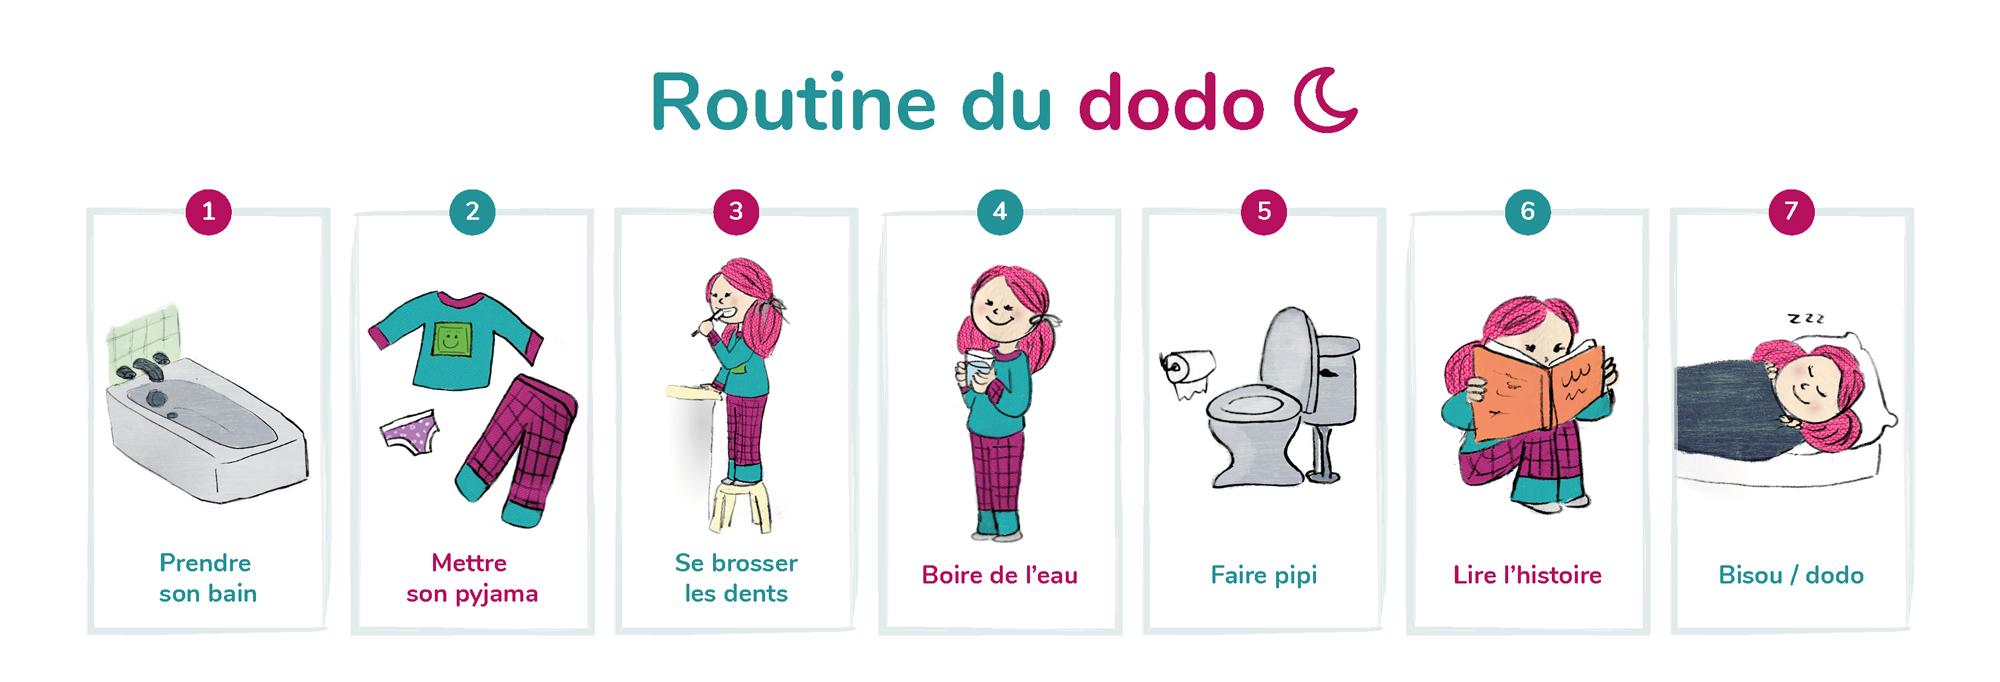 Mlle Lily - affiche de la routine du dodo